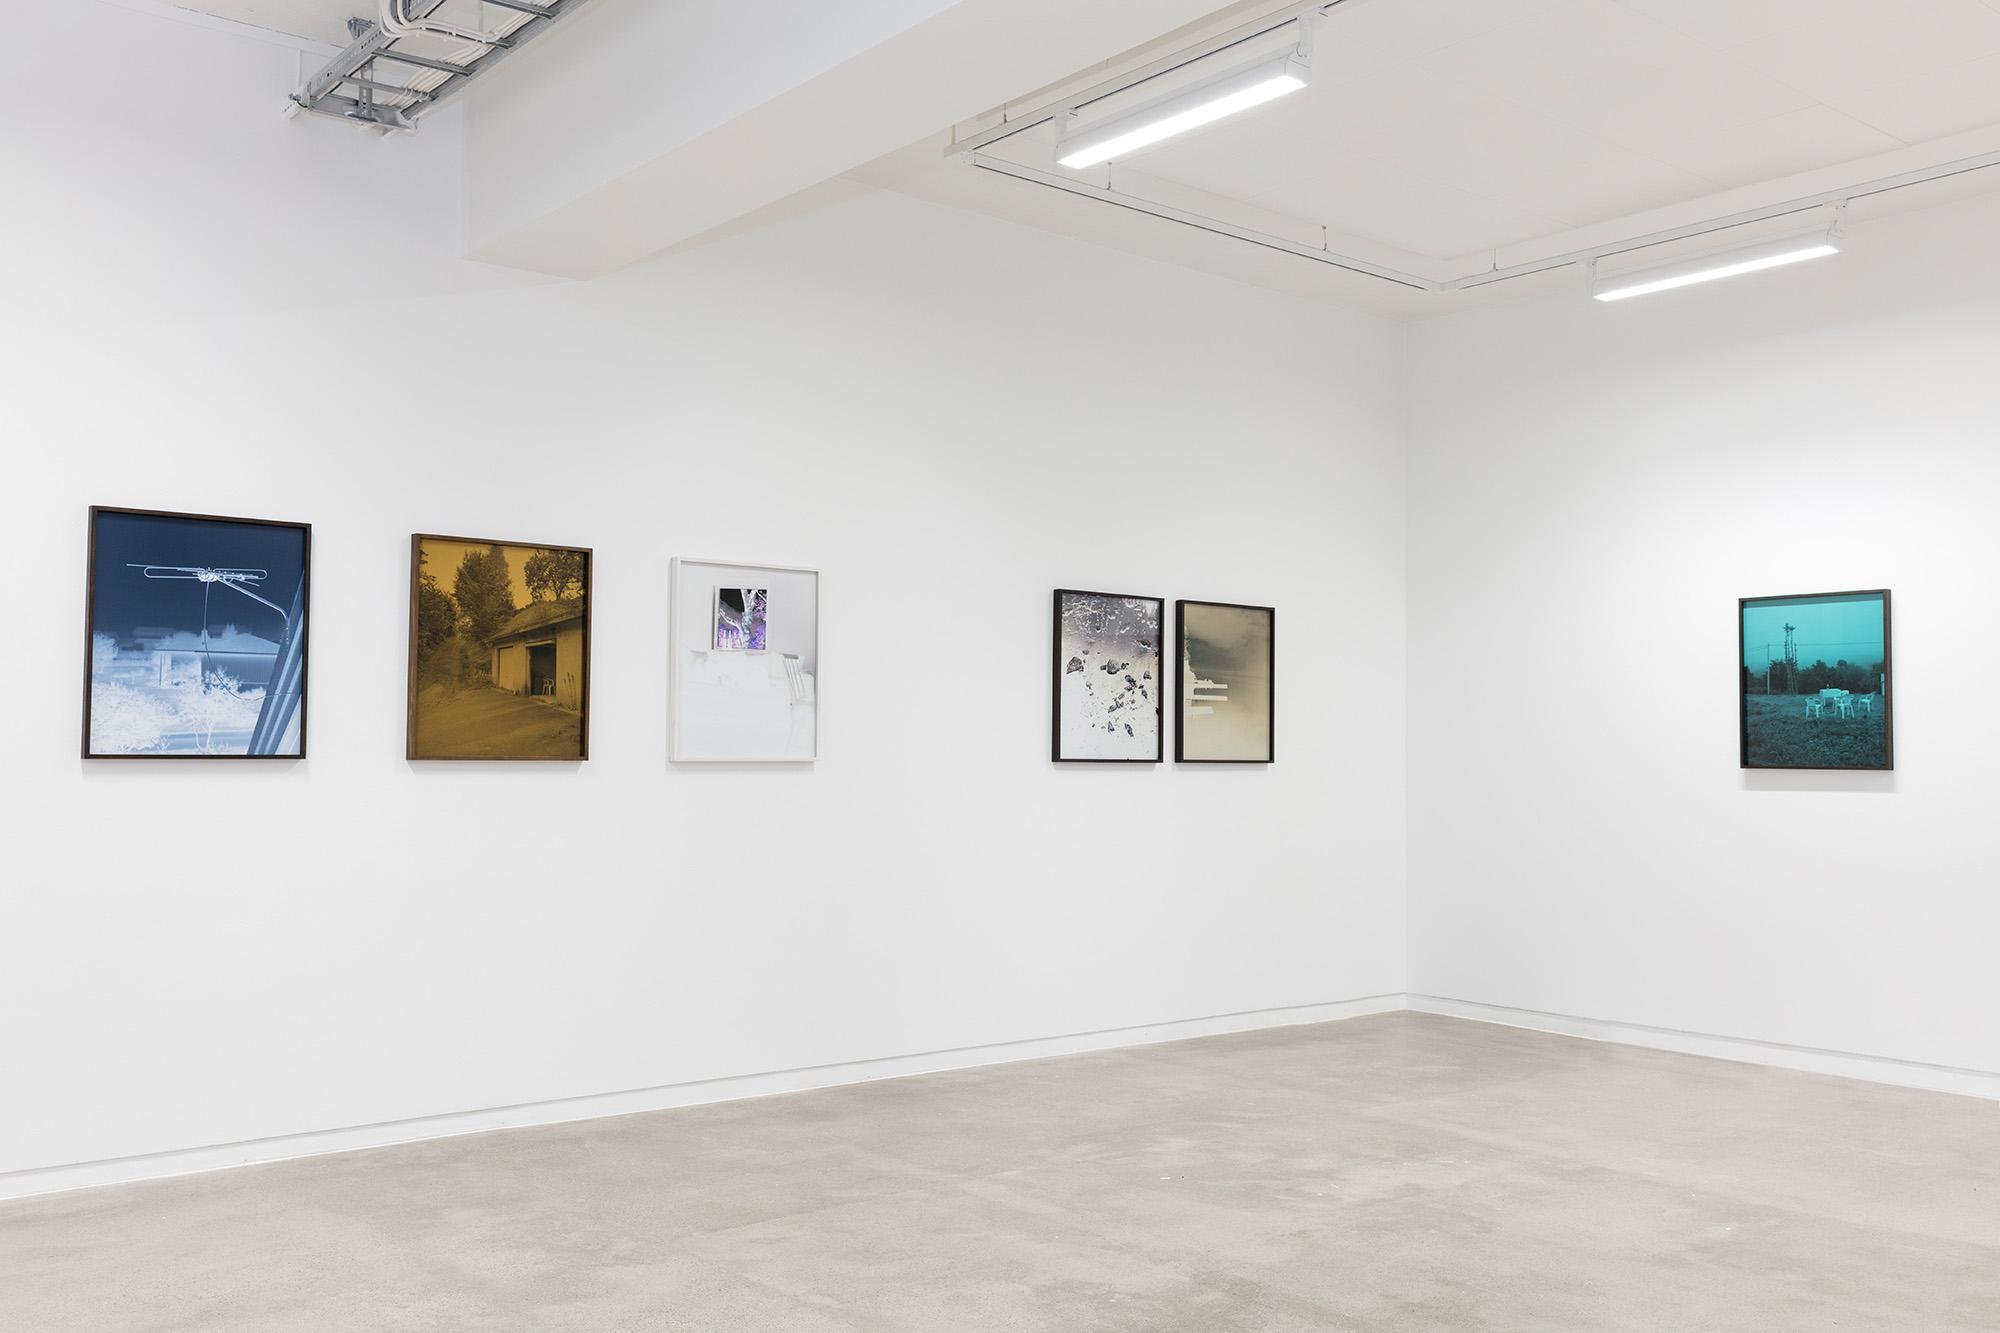 Linn Pedersen at Golsa, curated by MELK 2018